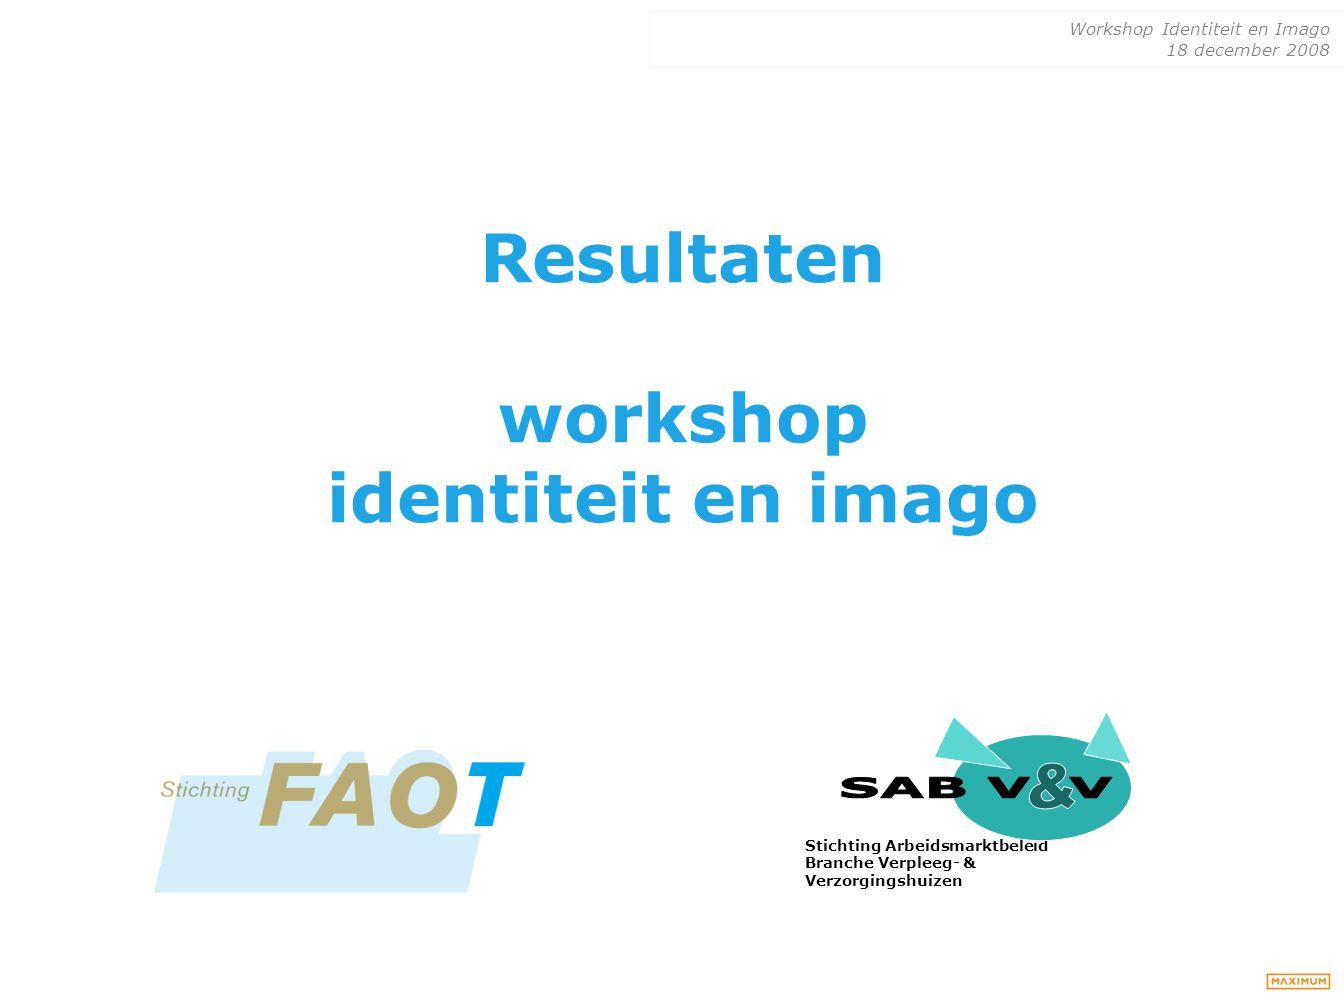 Workshop Identiteit en Imago 18 december 2008 Resultaten workshop identiteit en imago Stichting Arbeidsmarktbeleid Branche Verpleeg- & Verzorgingshuiz